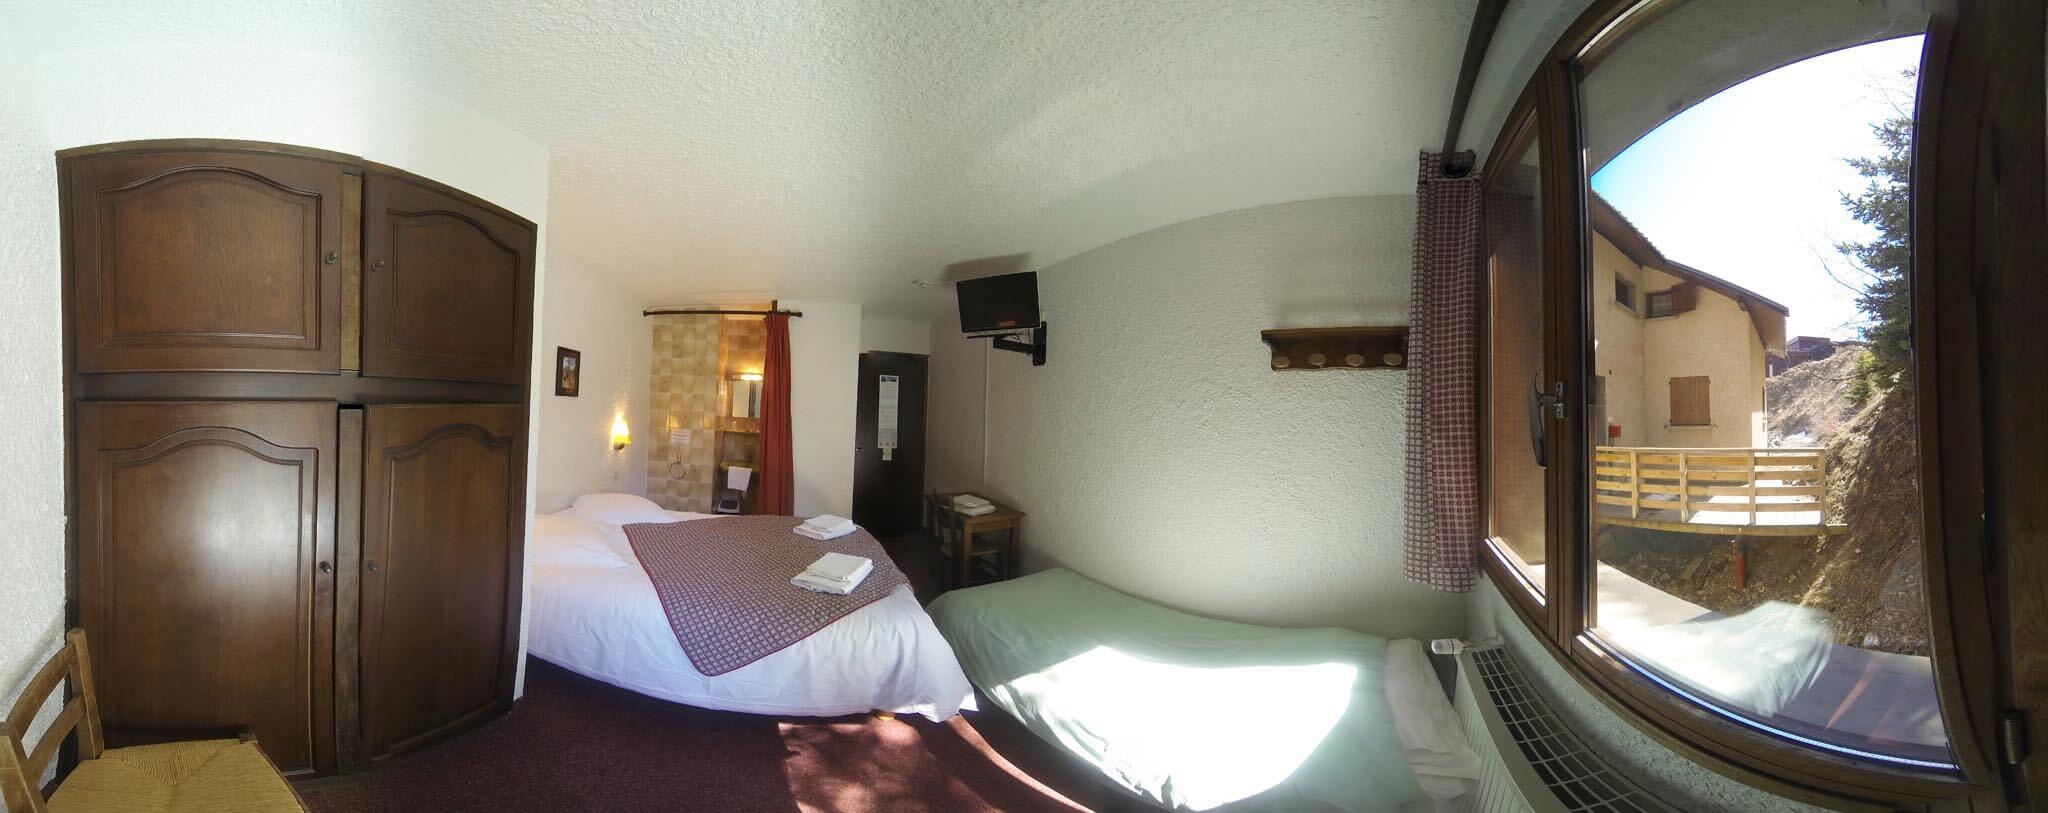 chambre n 5 lit double et lit d 39 appoint douche dans la. Black Bedroom Furniture Sets. Home Design Ideas